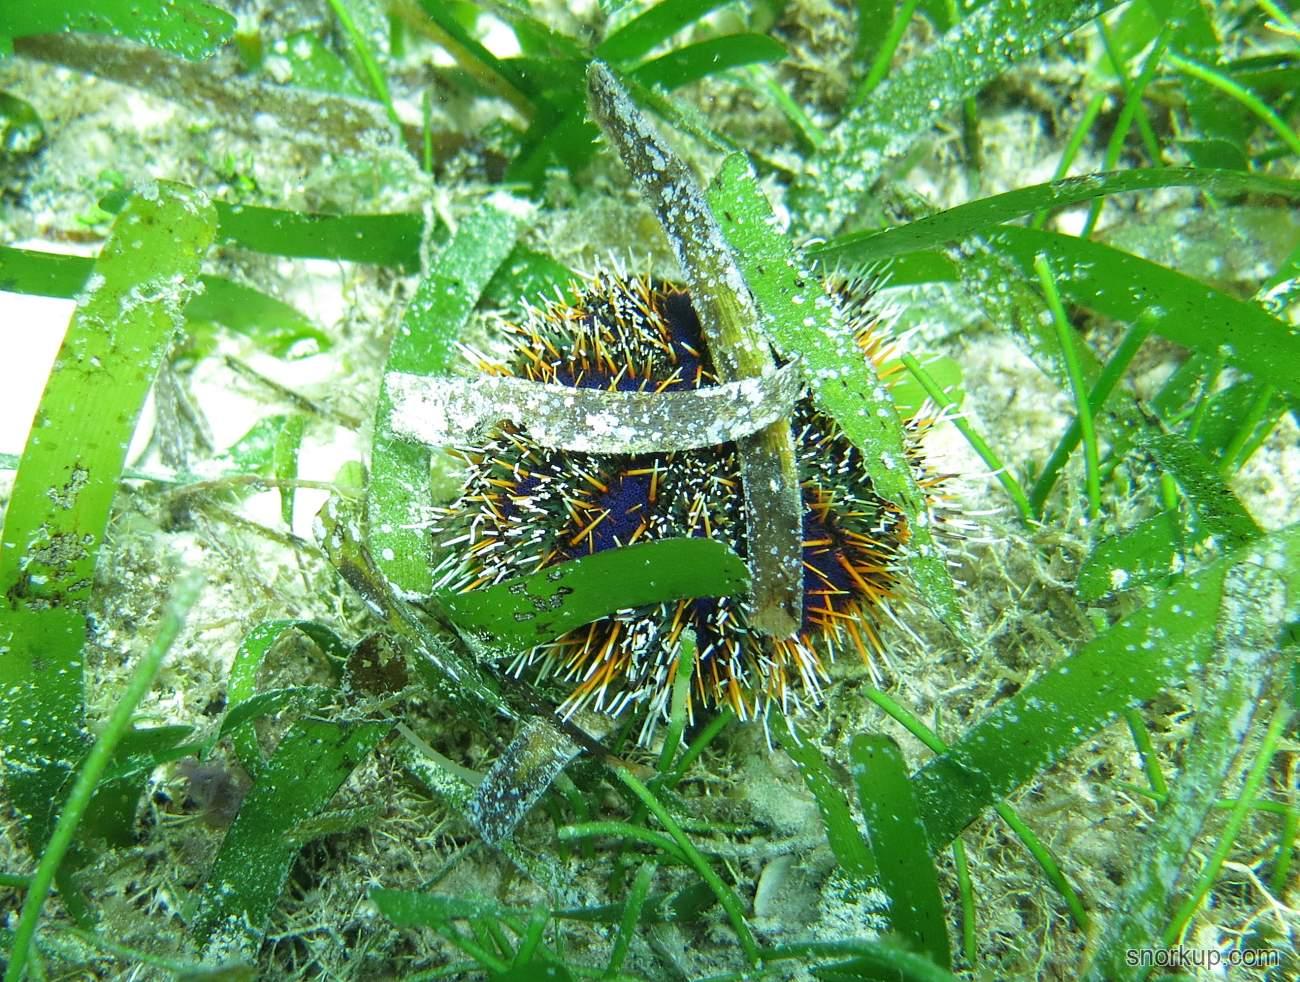 Морской ёж пасторская шапочка - Tripneustes gratilla - Multicolor sea urchin или Mespilia globulus?